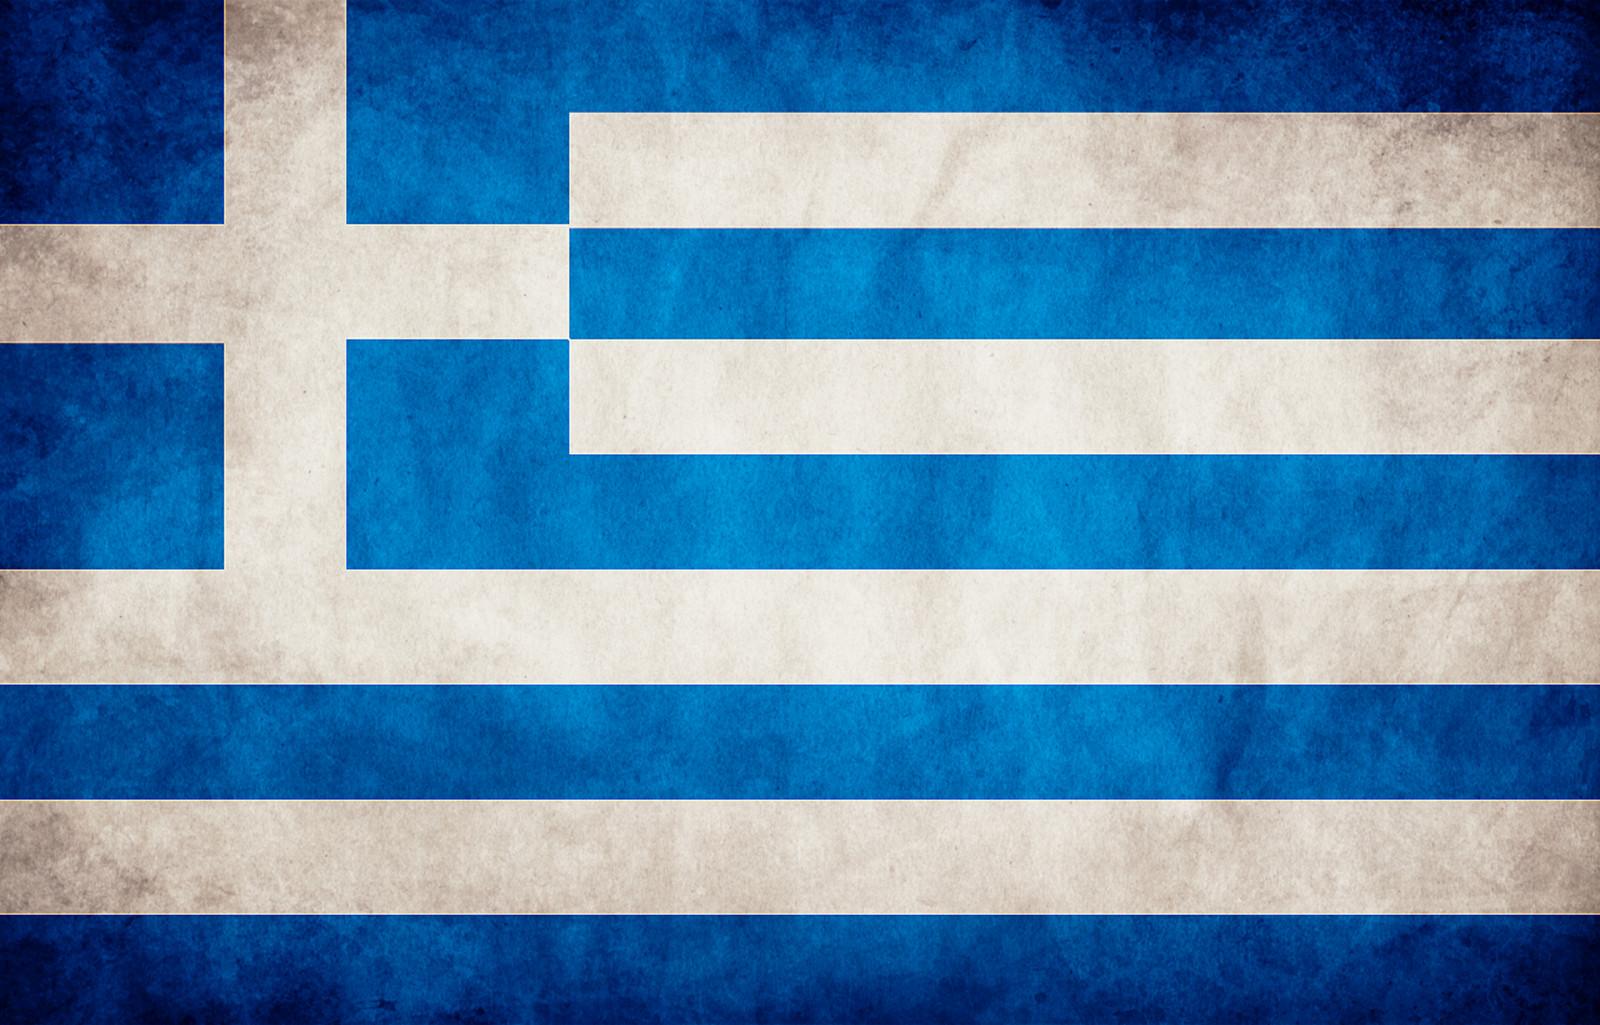 Hintergrundbilder symmetrie gr n blau muster griechisch textur kreis griechenland - Greek flag wallpaper ...